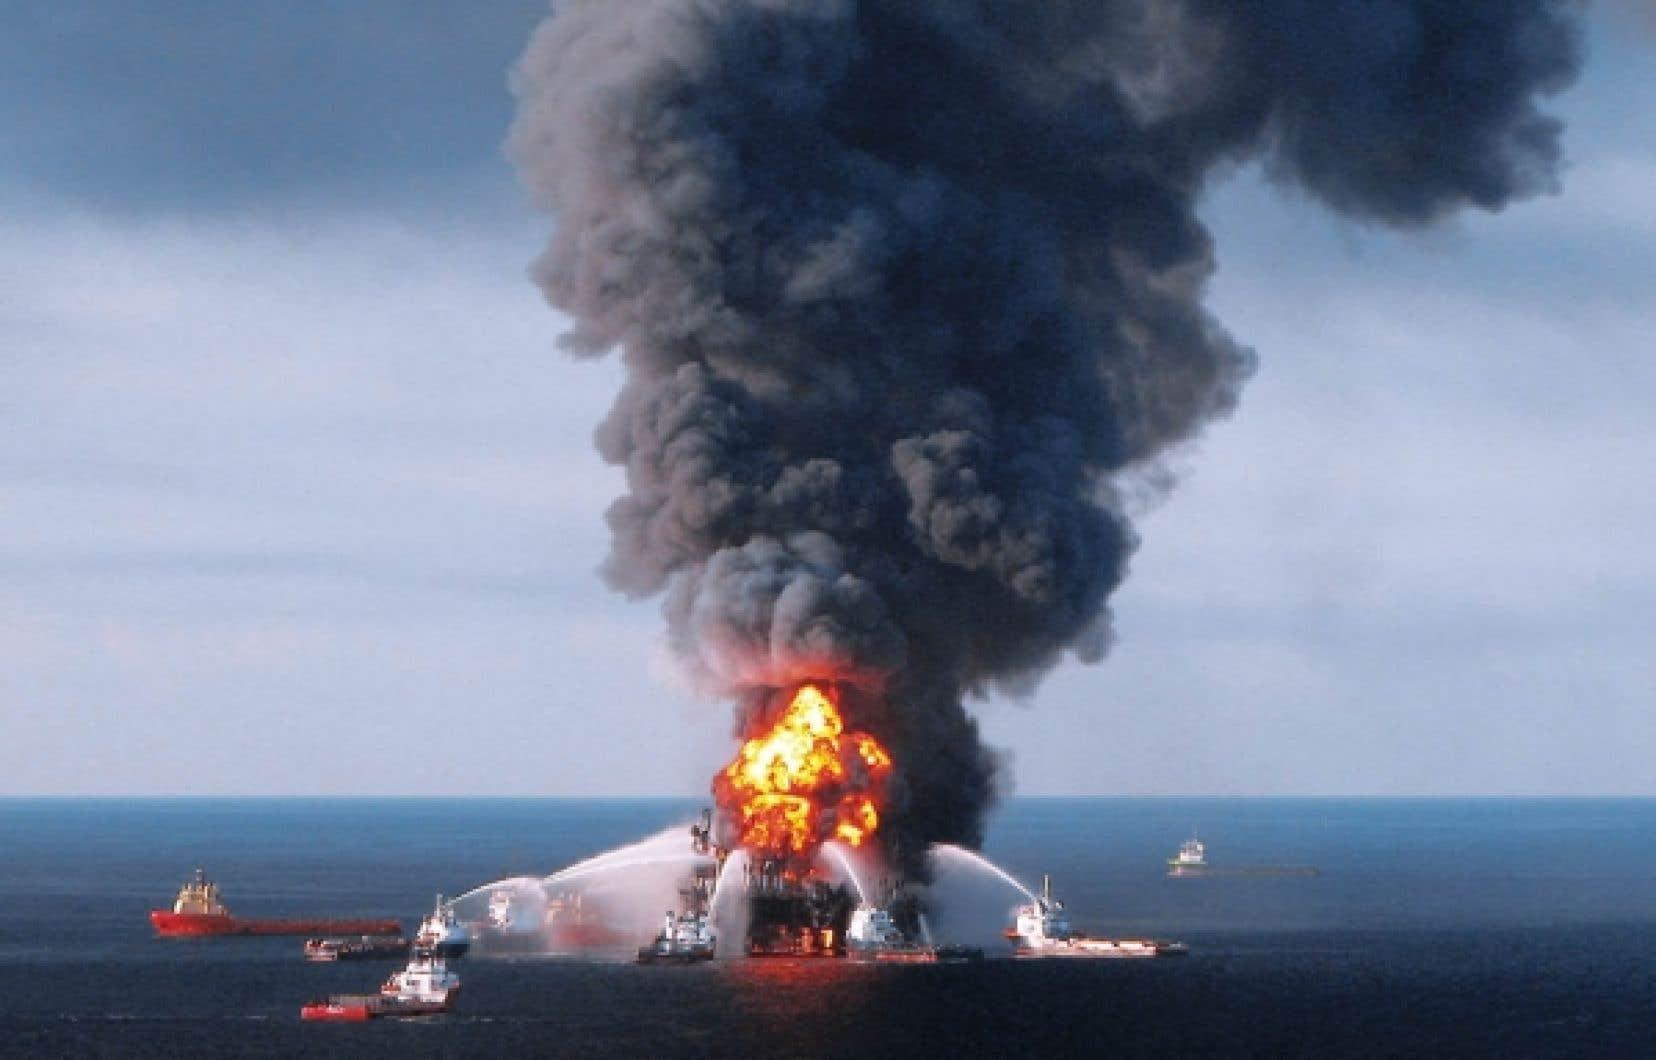 Le 21 avril 2010, les sapeurs de la garde-côte des États-Unis tentaient d'éteindre le feu sur la plateforme Deepwater Horizon, dans le golfe du Mexique. <br />